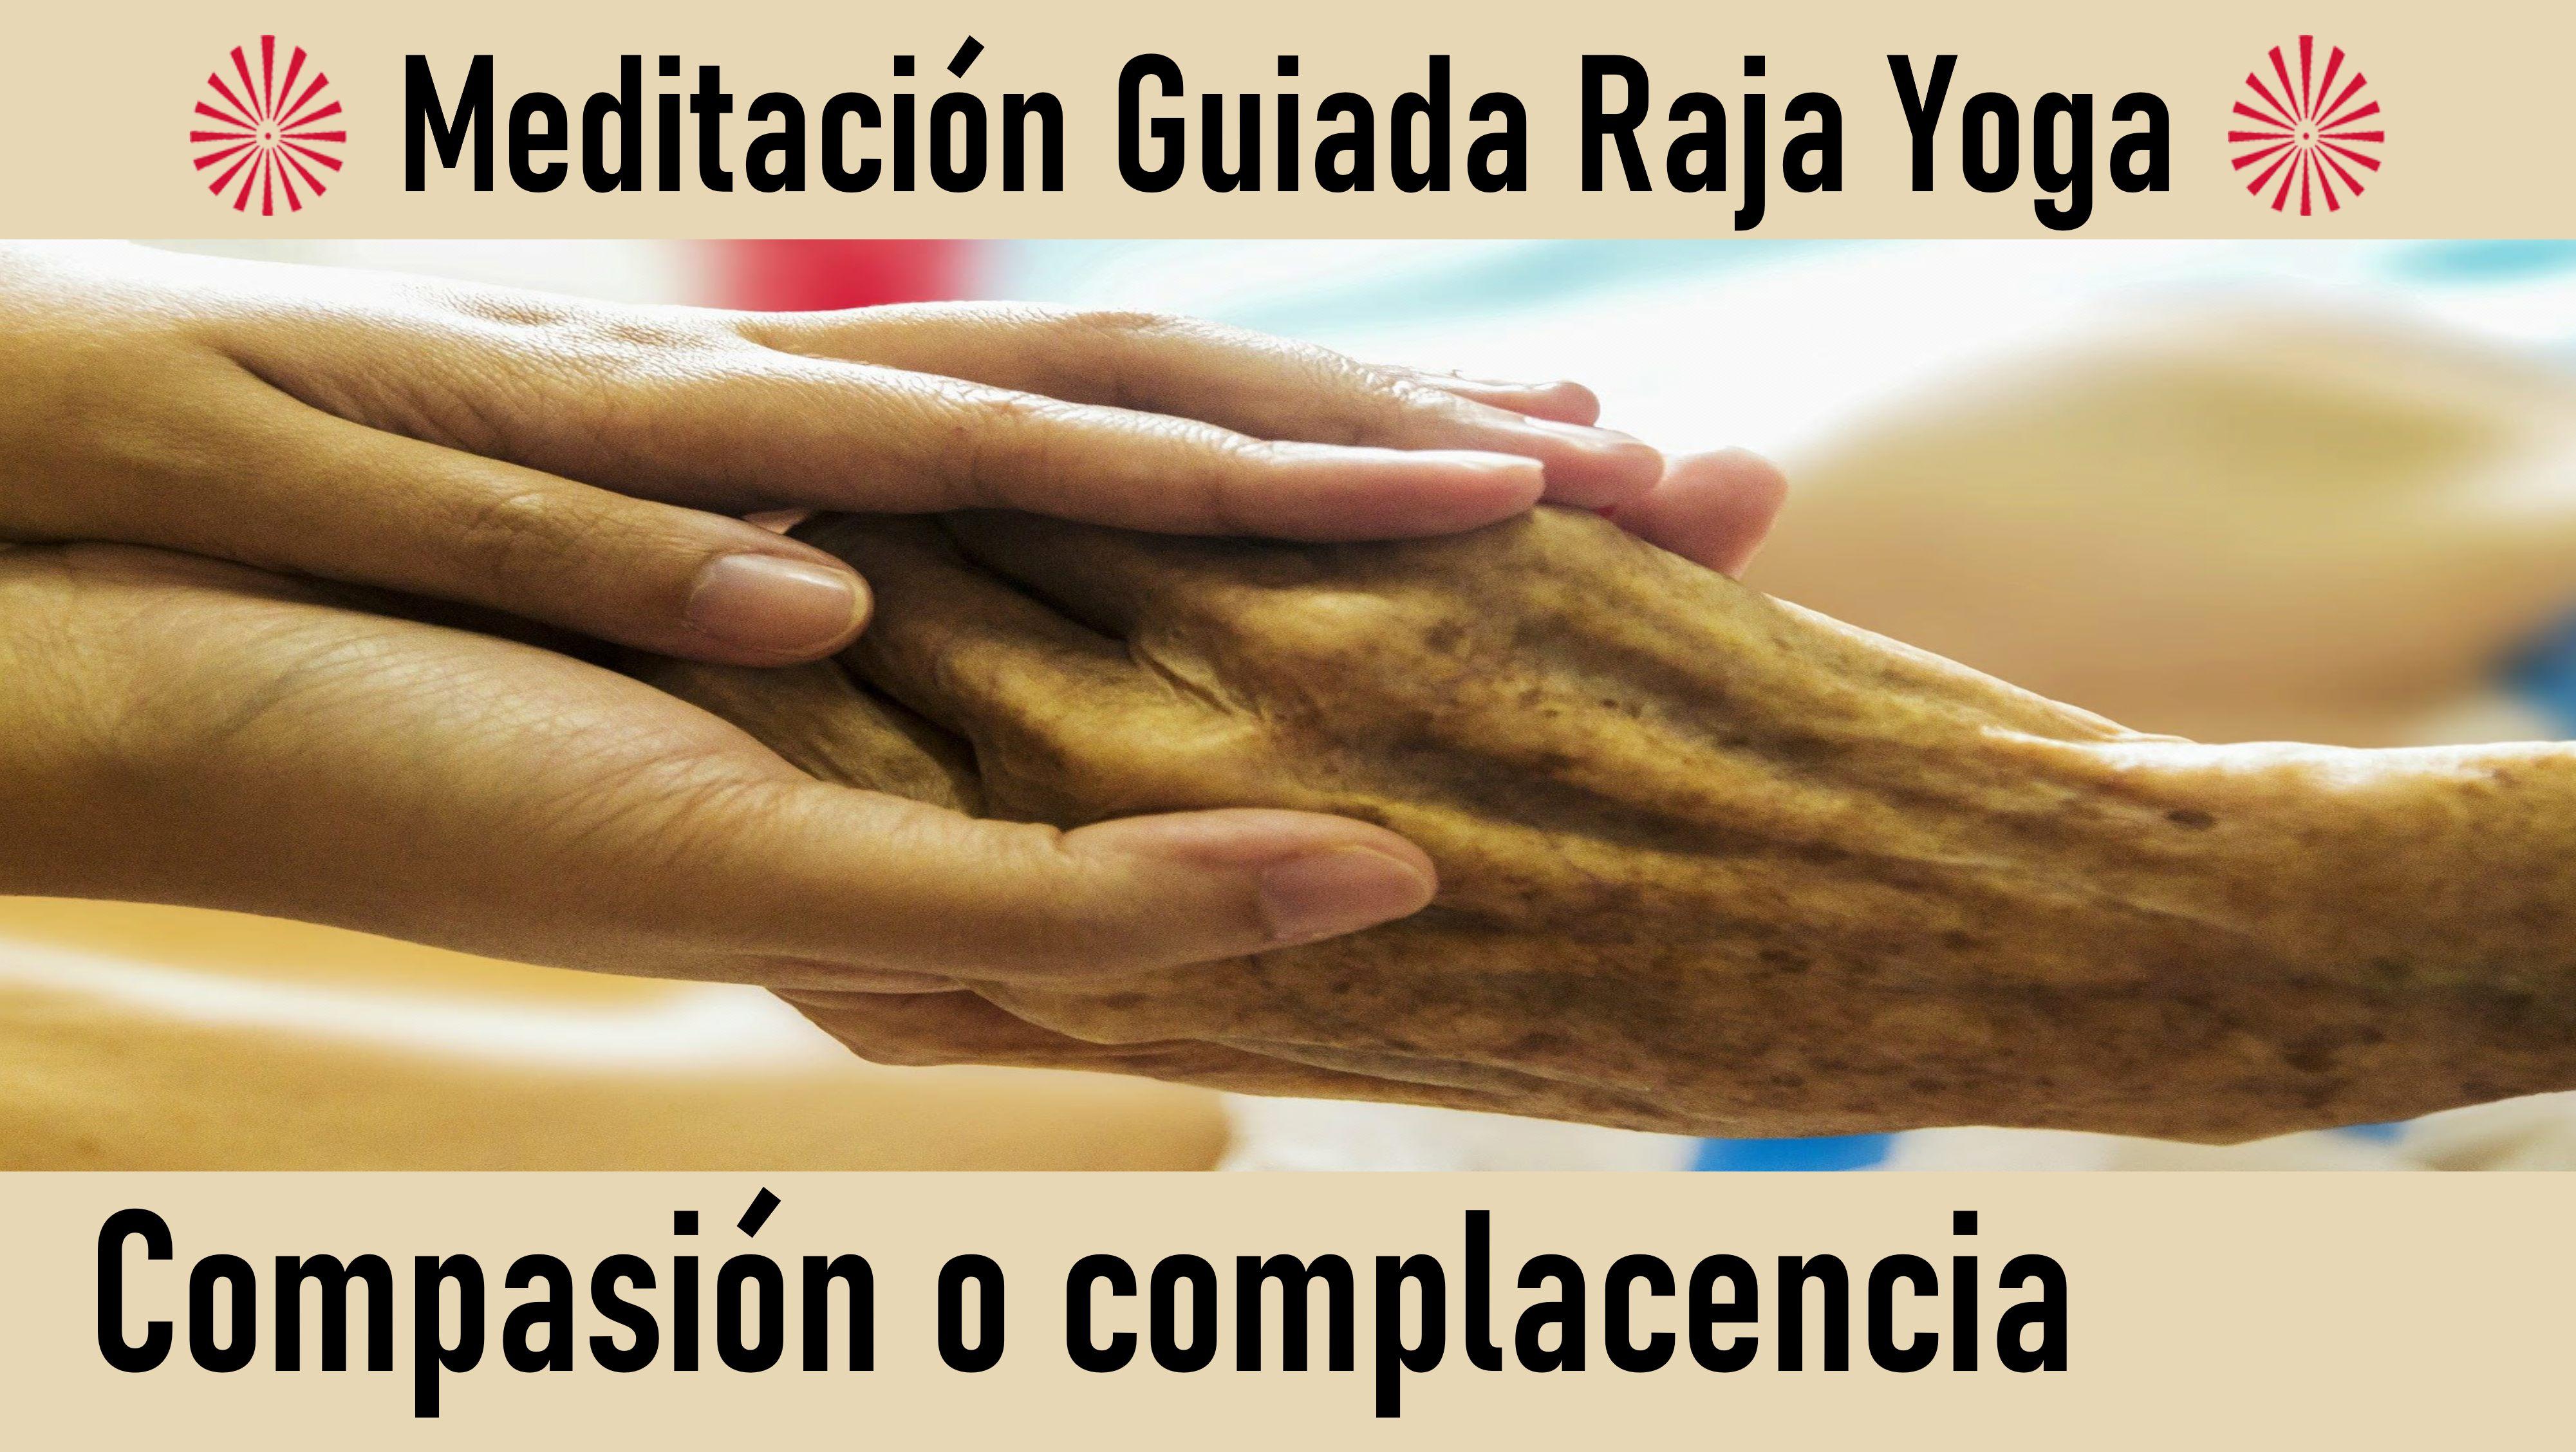 Meditación Raja Yoga: Compasión o complacencia (17 Junio 2020) On-line desde Sevilla